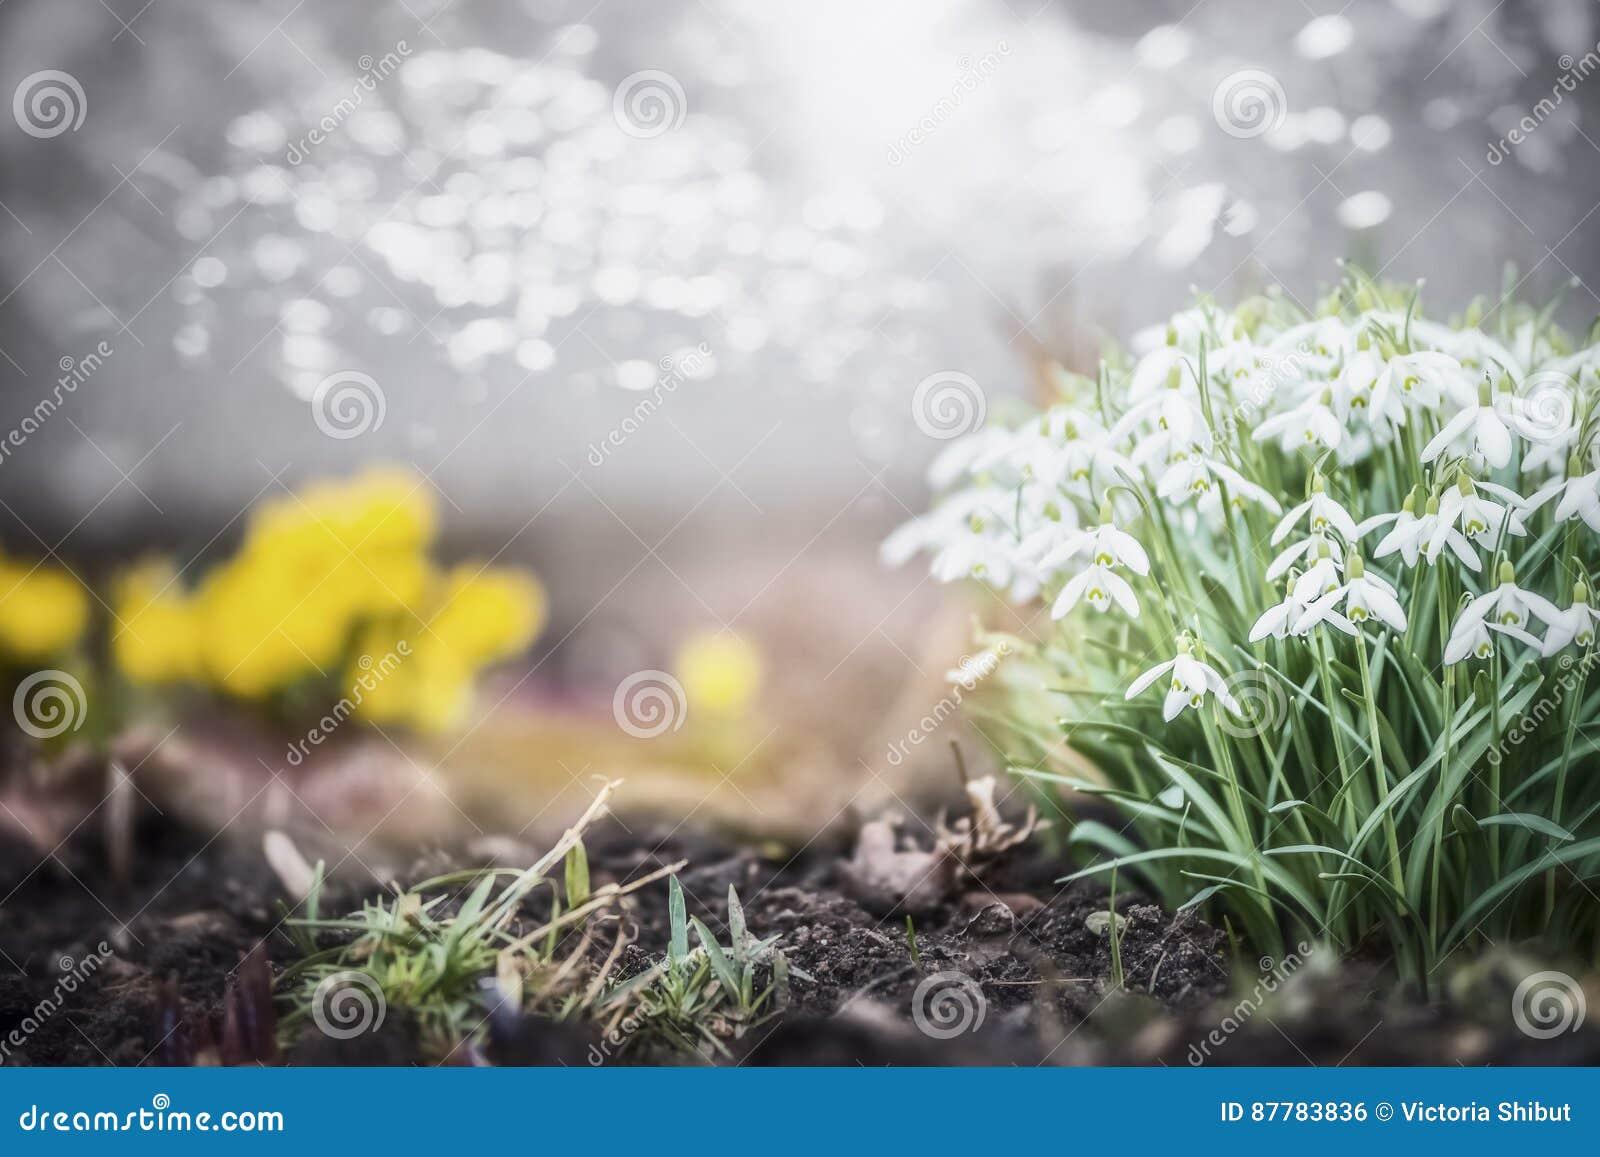 Mooi de lentetuin of park met sneeuwklokjesbloemen, openluchtaard